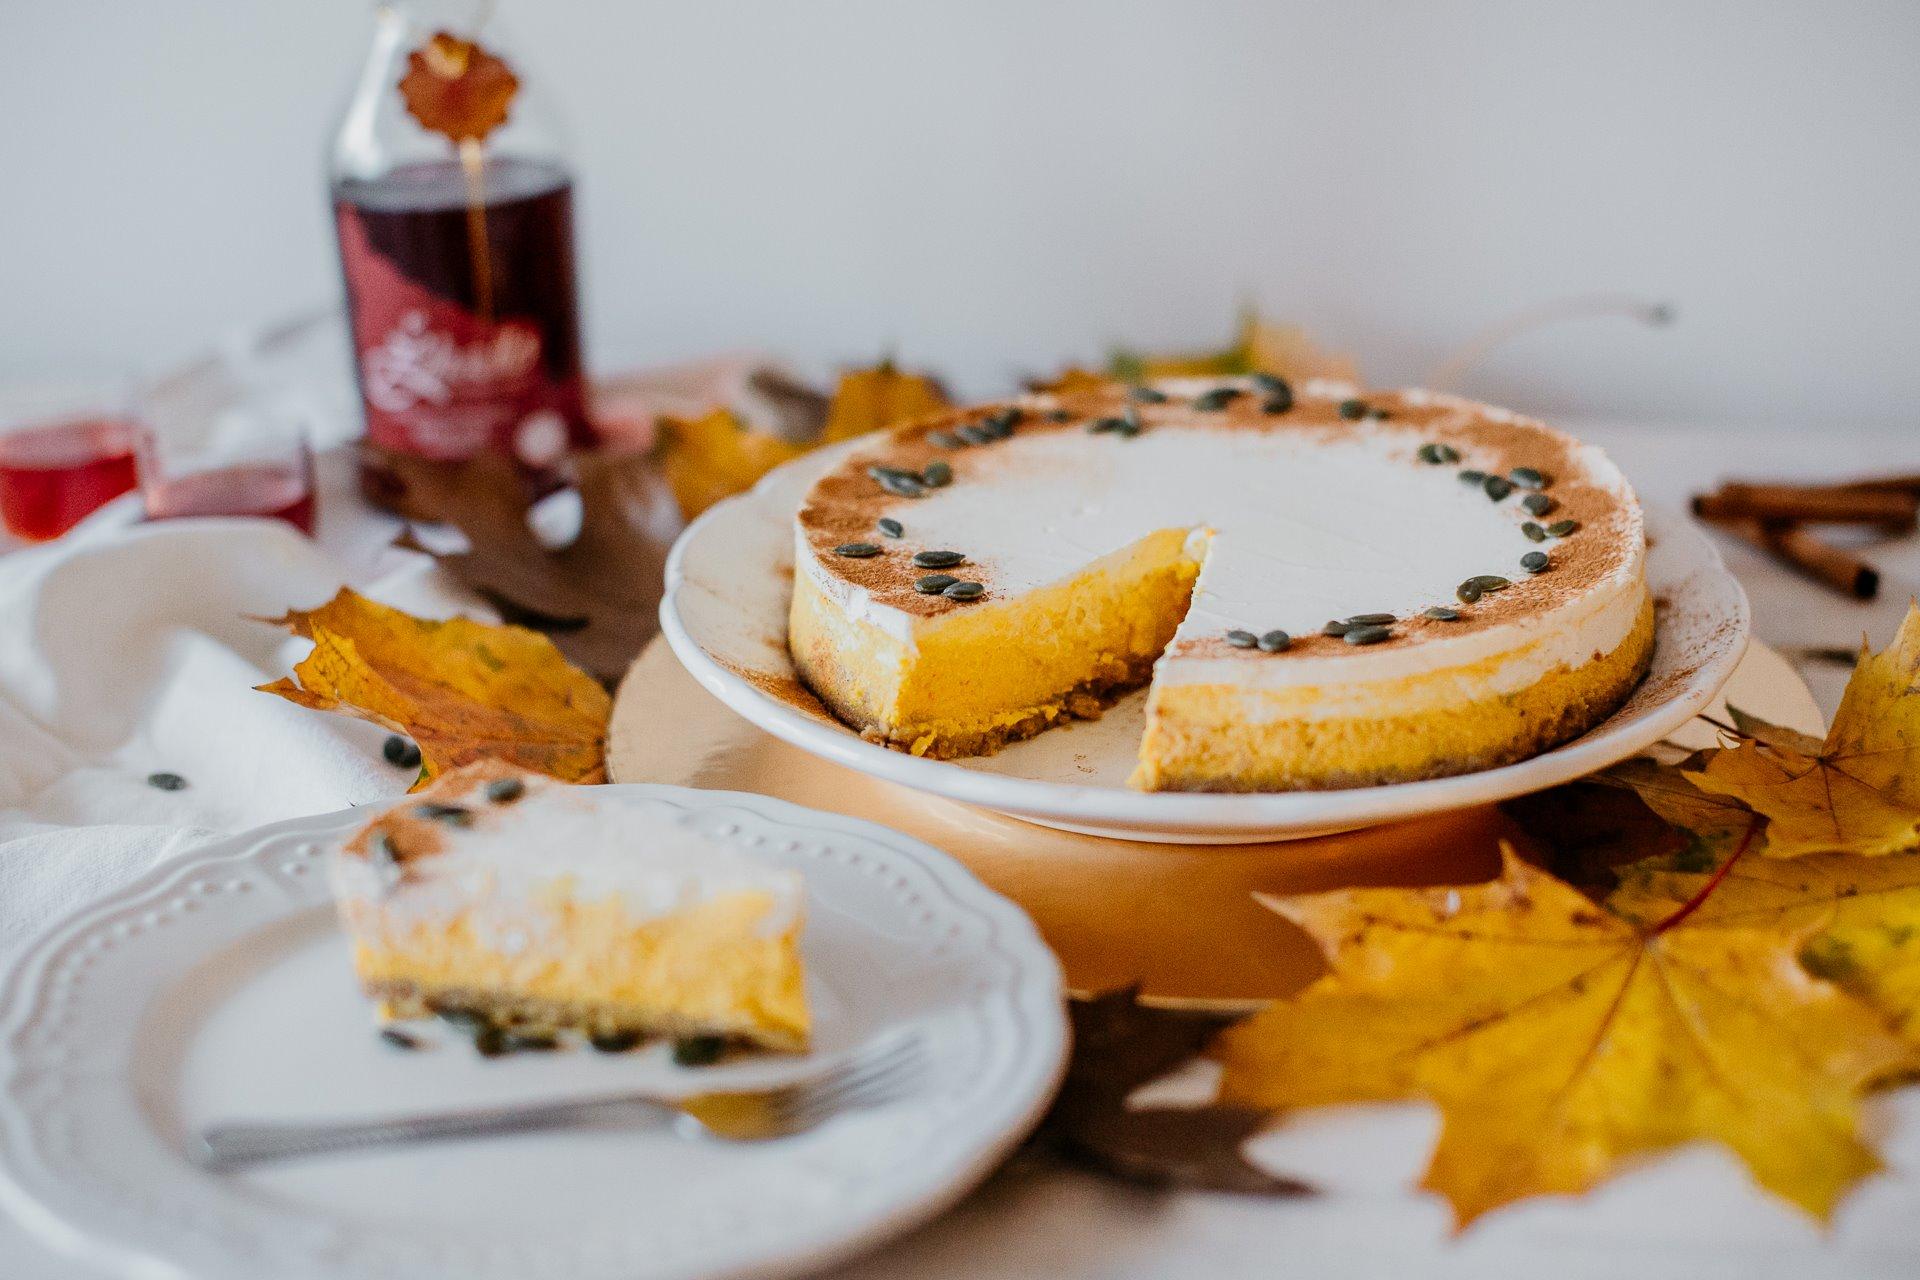 Milujete recepty z dýně? Pak si dýňový cheesecake nenechte ujít!